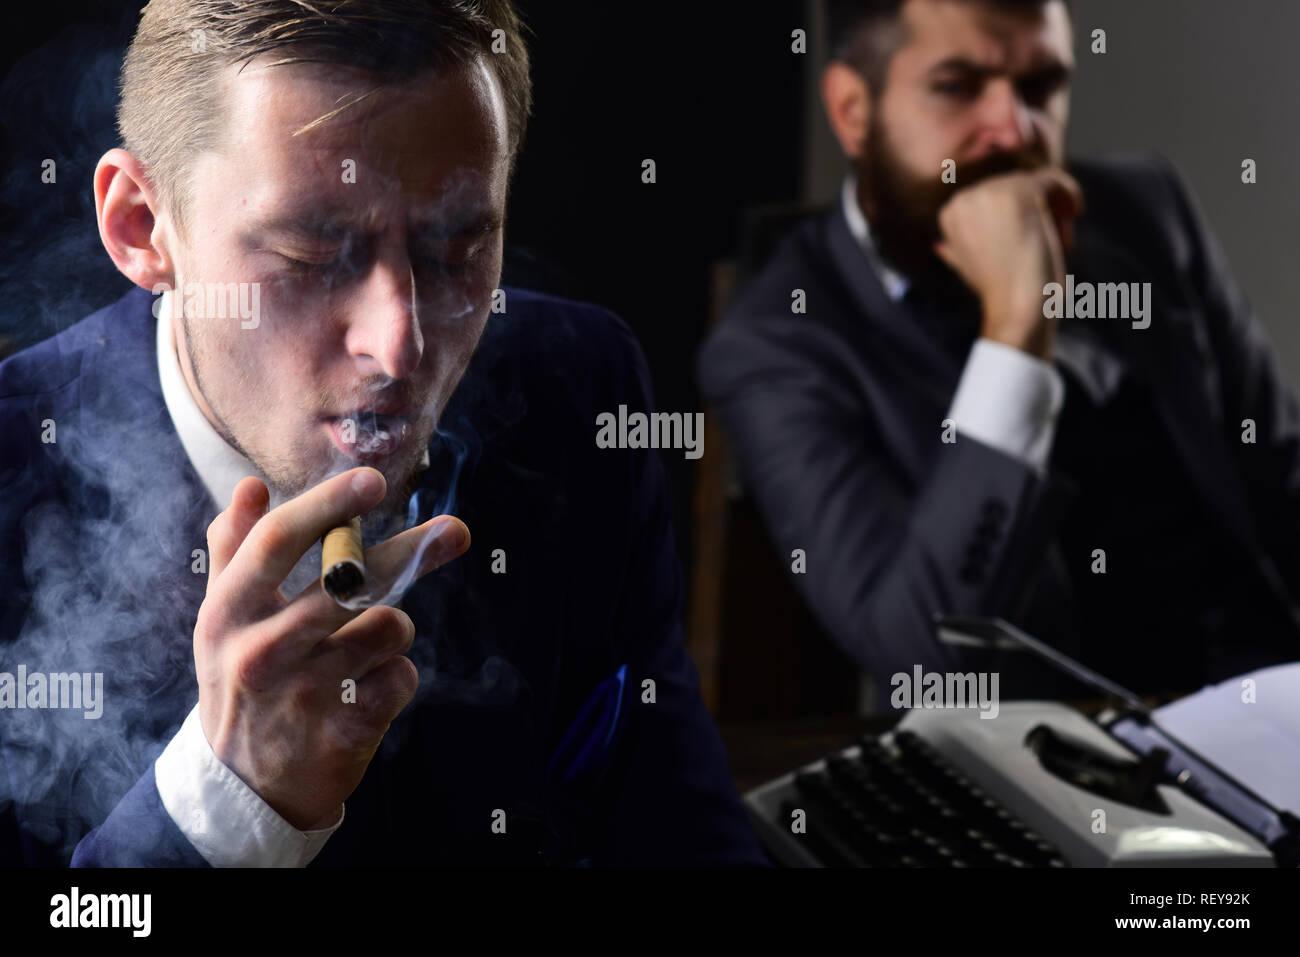 incontri tubi fumatori collegamento sito di incontri gratis